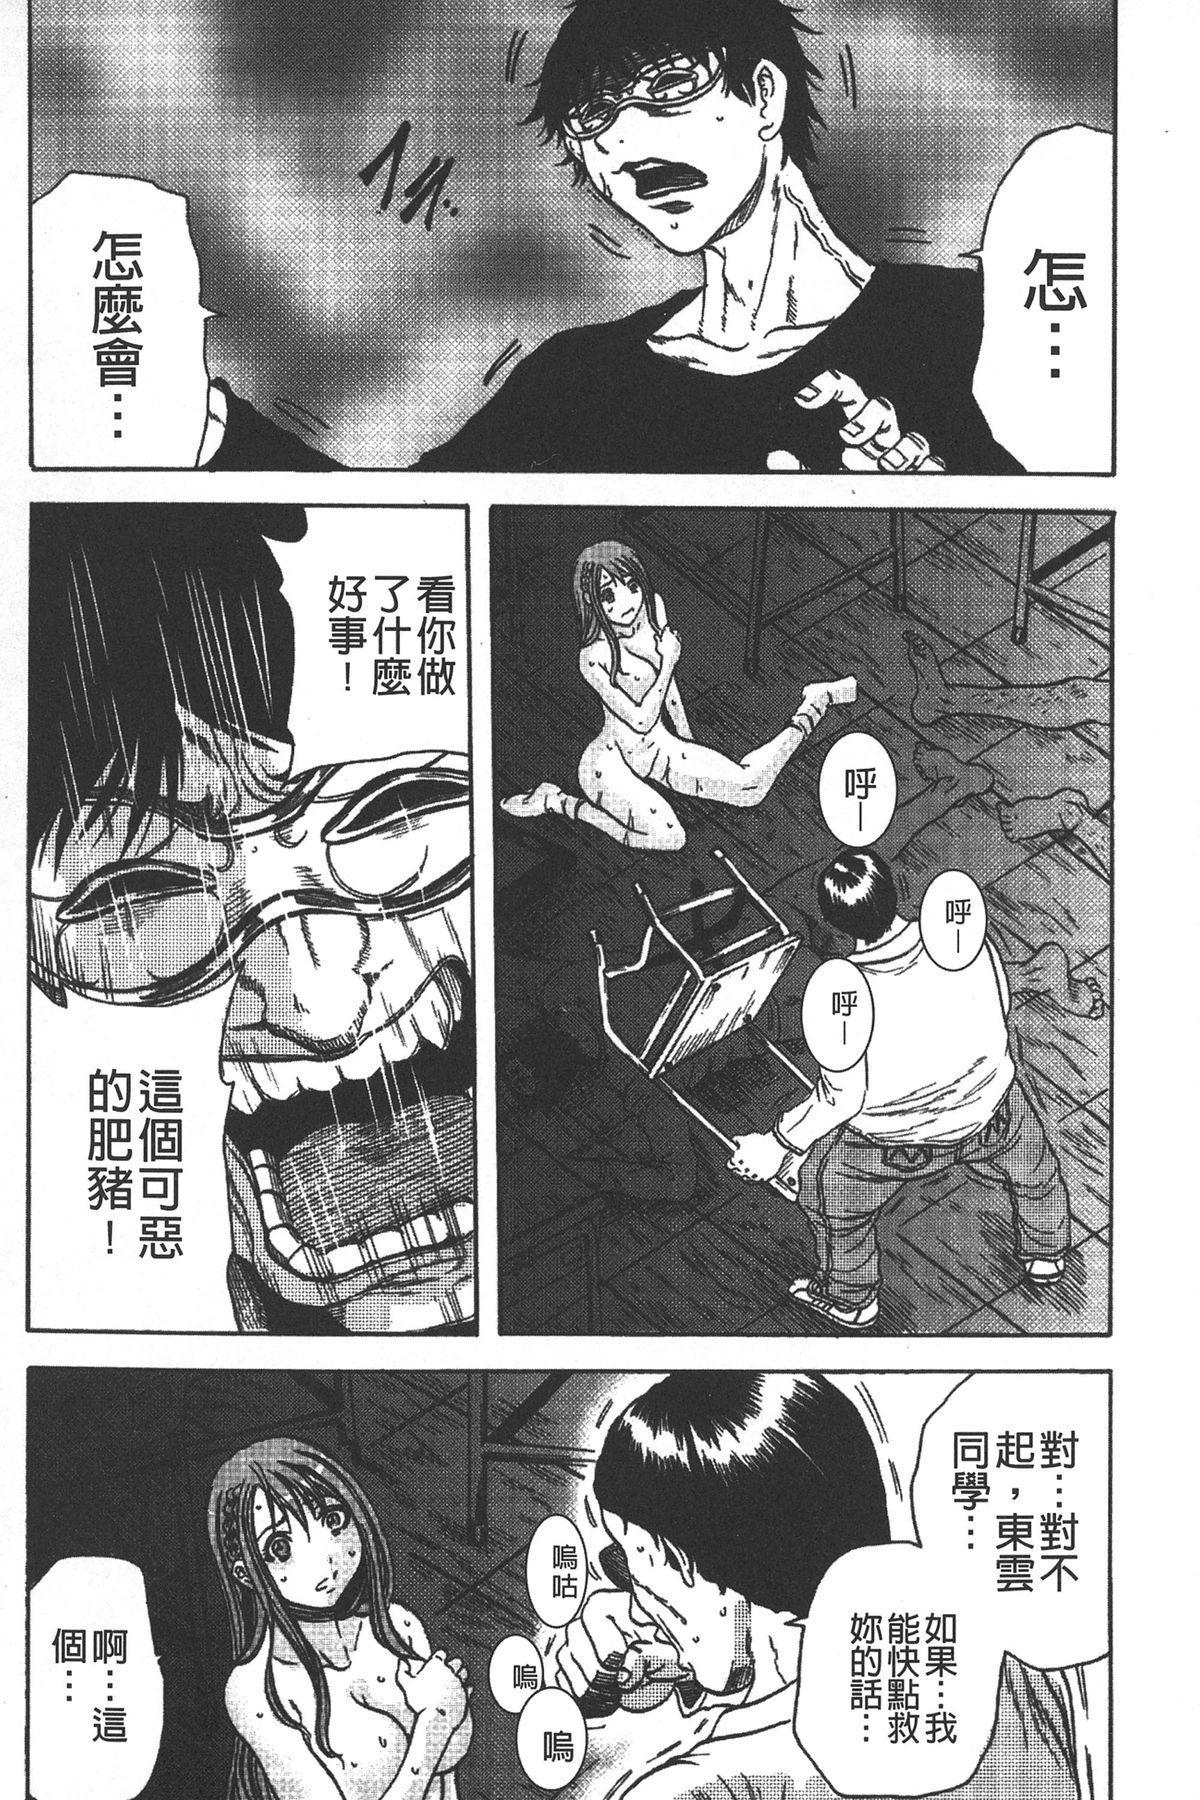 Ryoujoku Kyoushitsu 90